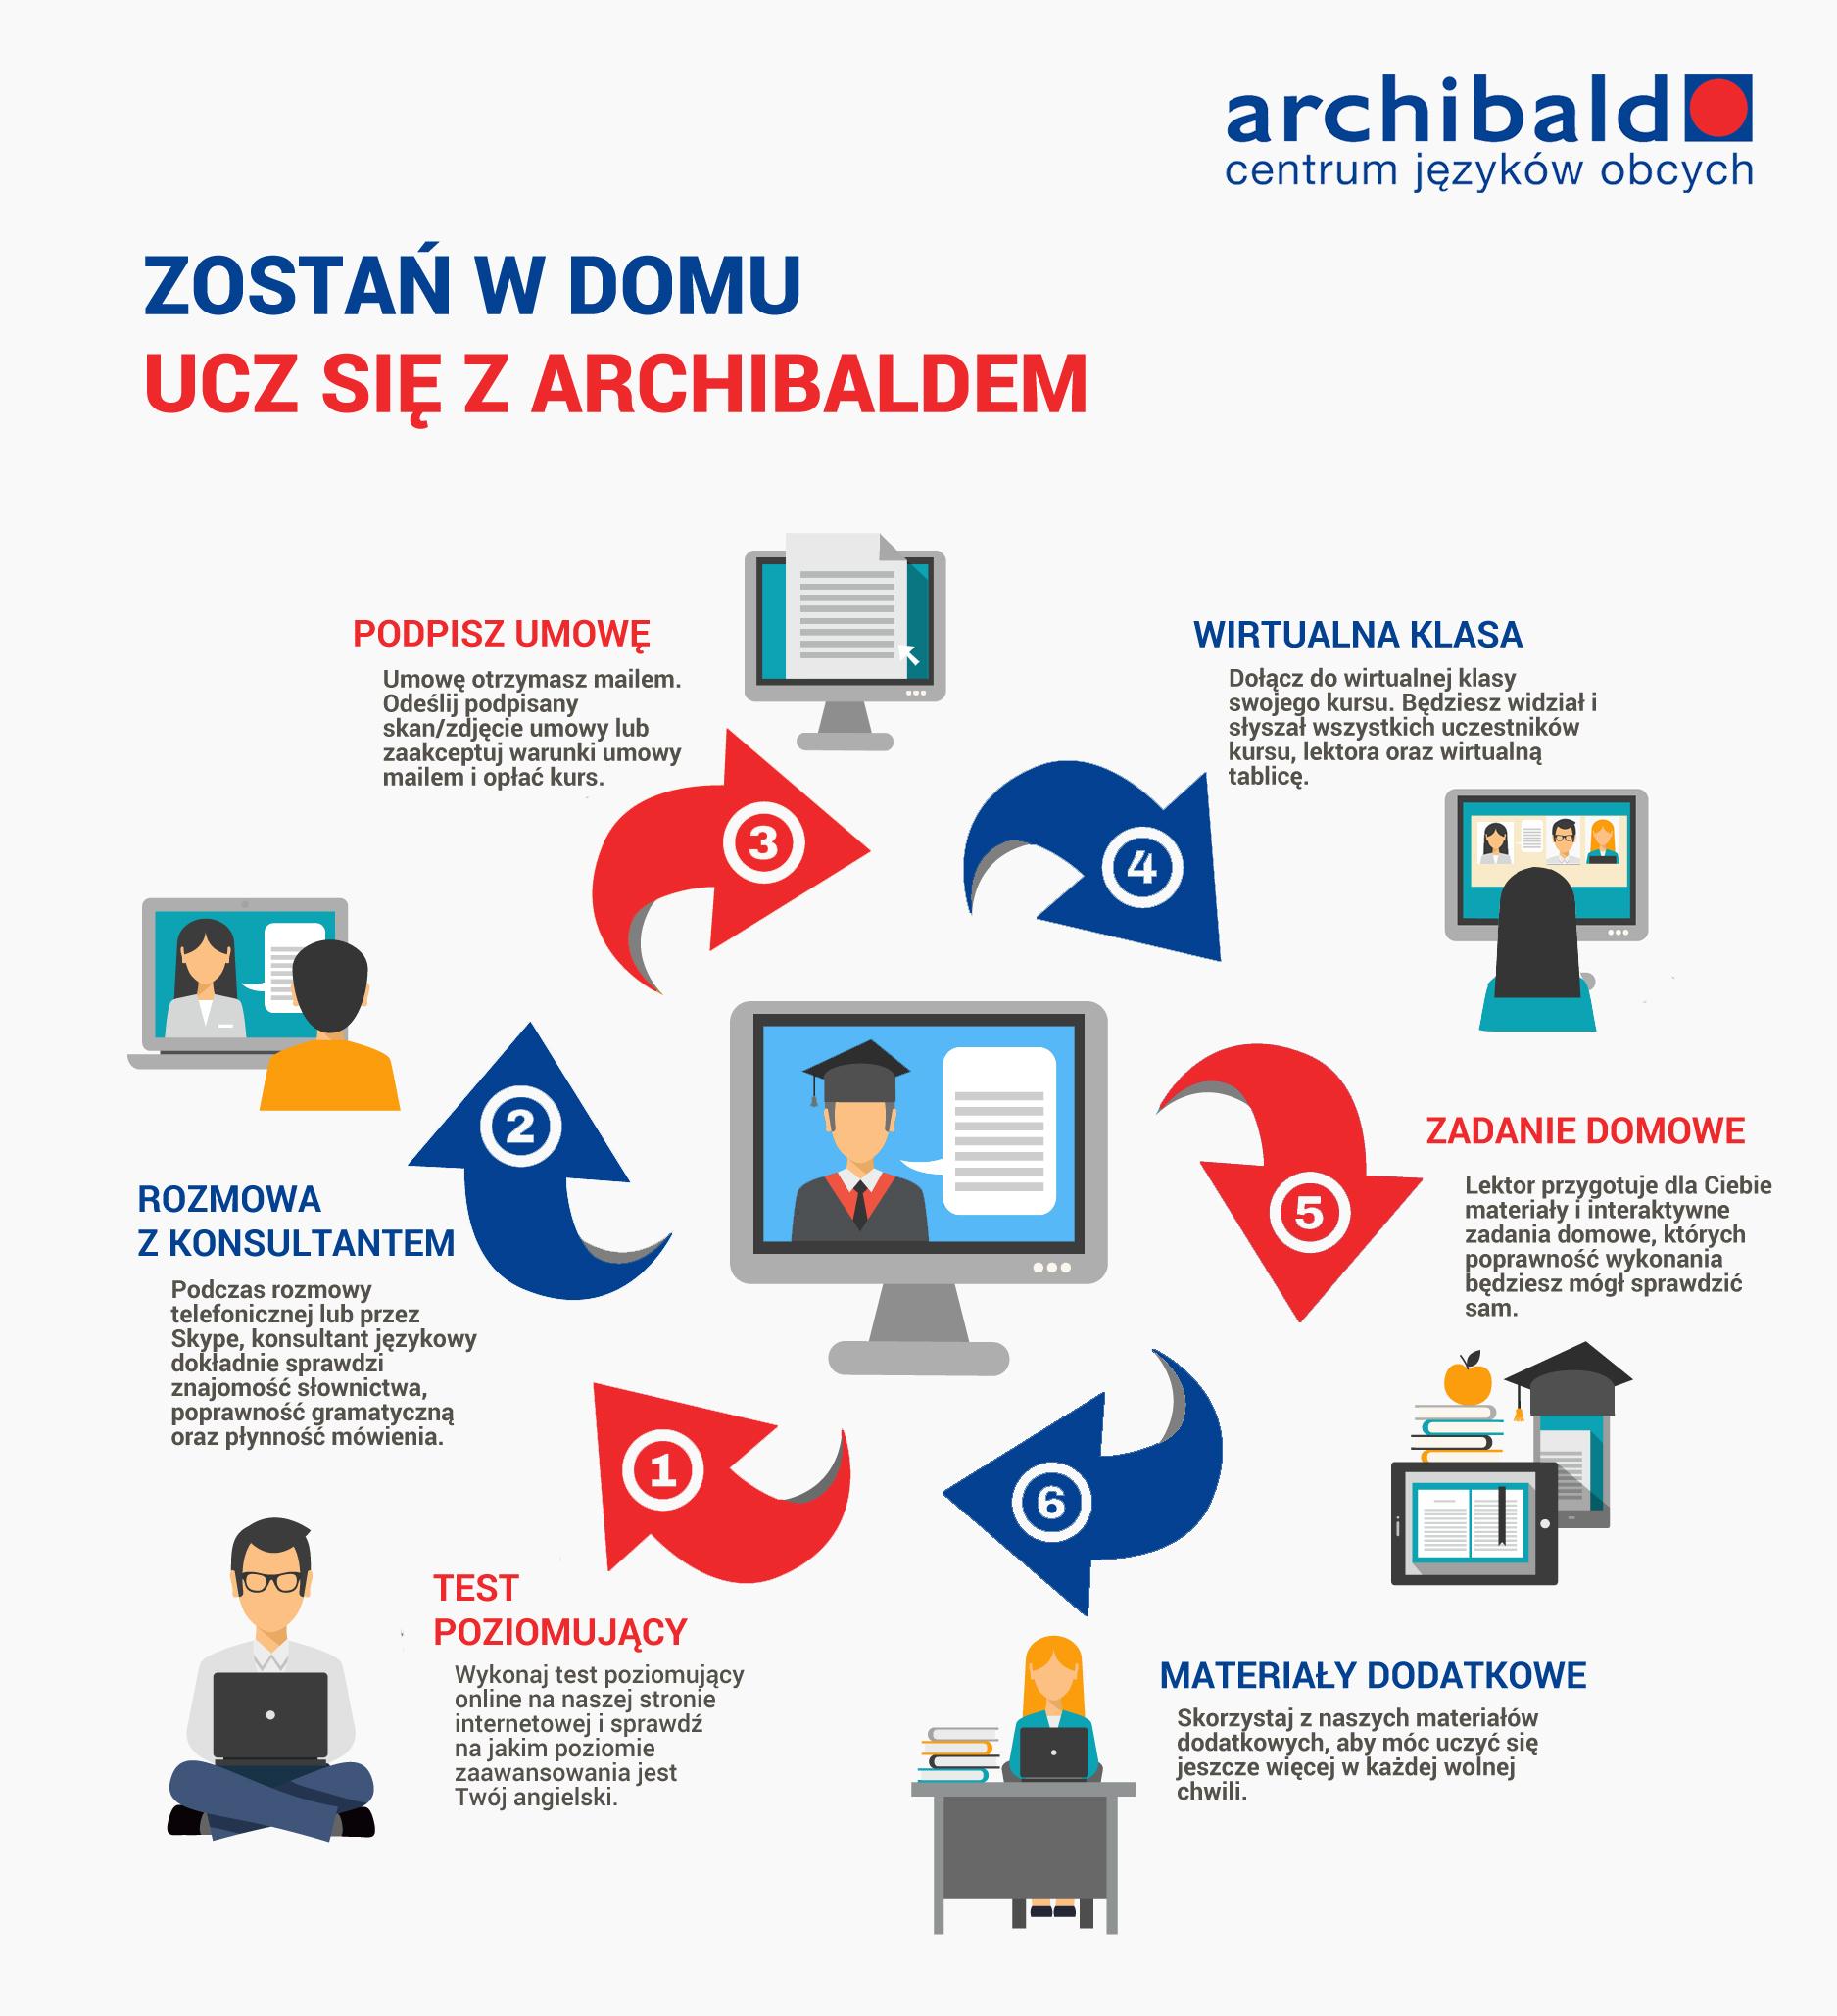 archibald jak sie zapisac angielski online